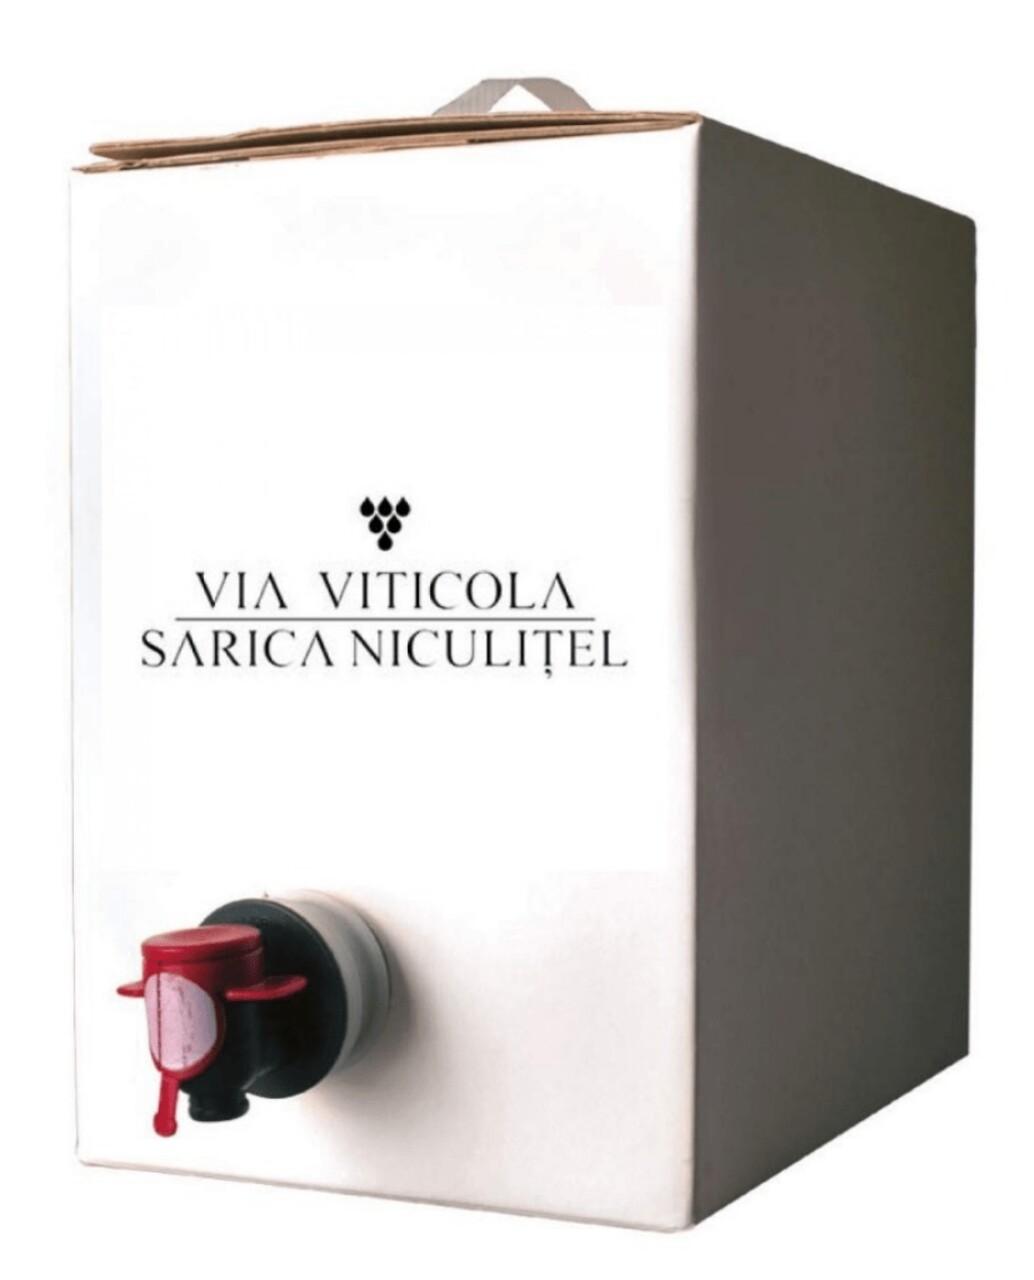 Sarica Niculitel Premium Cabernet Sauvignon BIB 10L